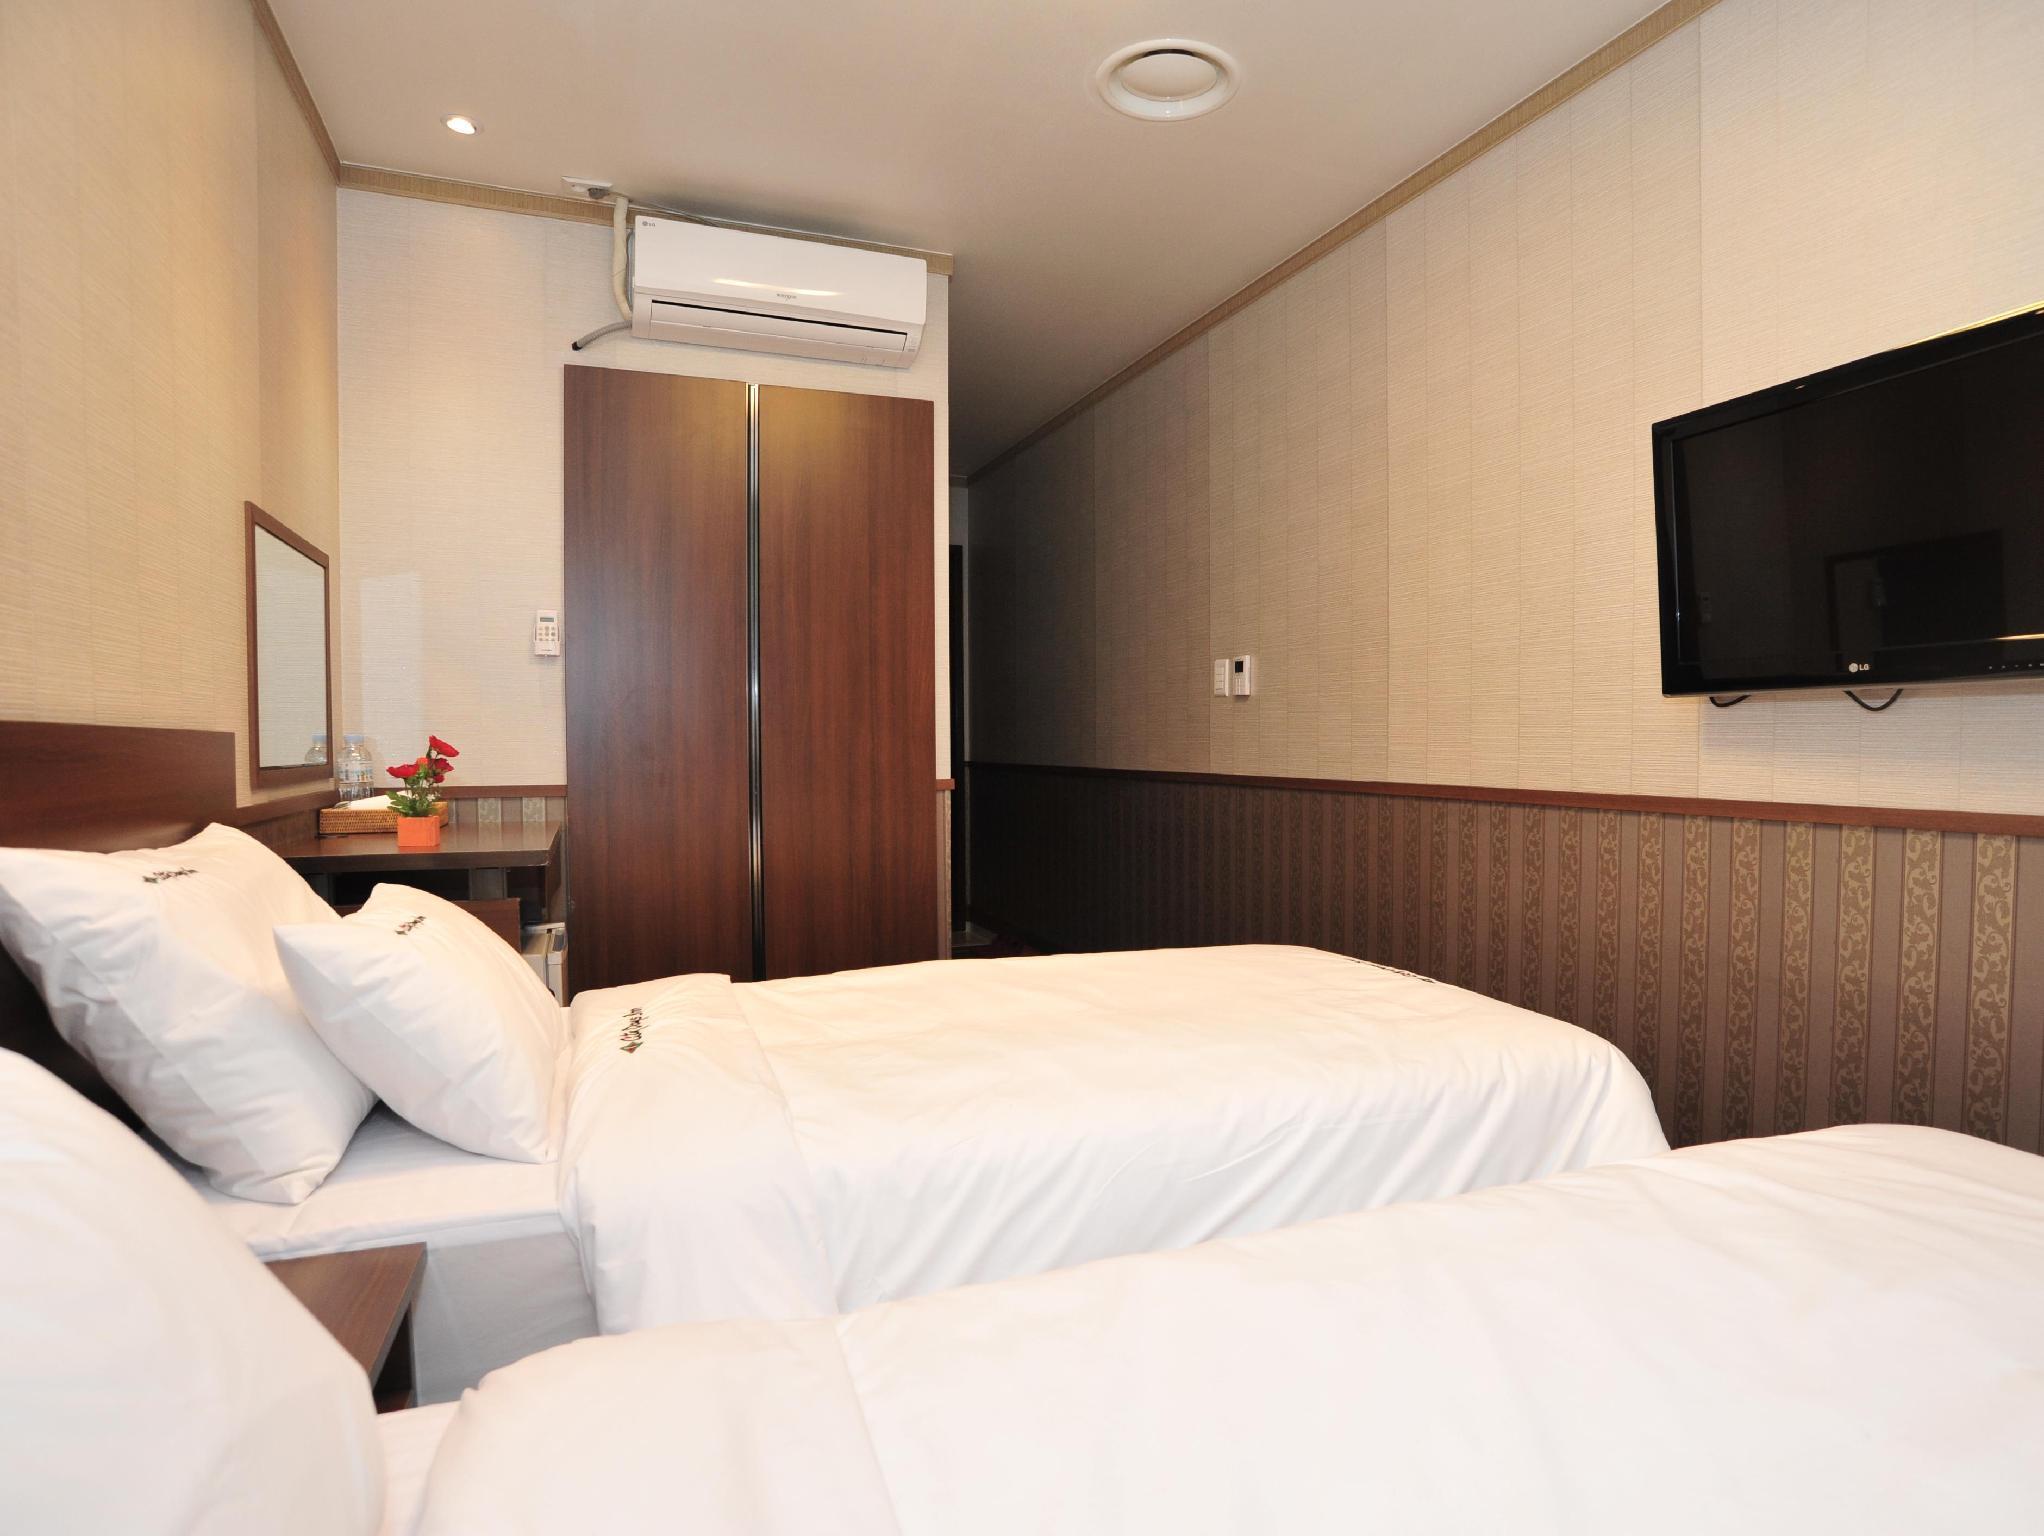 Best Price on Global Inn Seoul Dongdaemun City Days Inn in